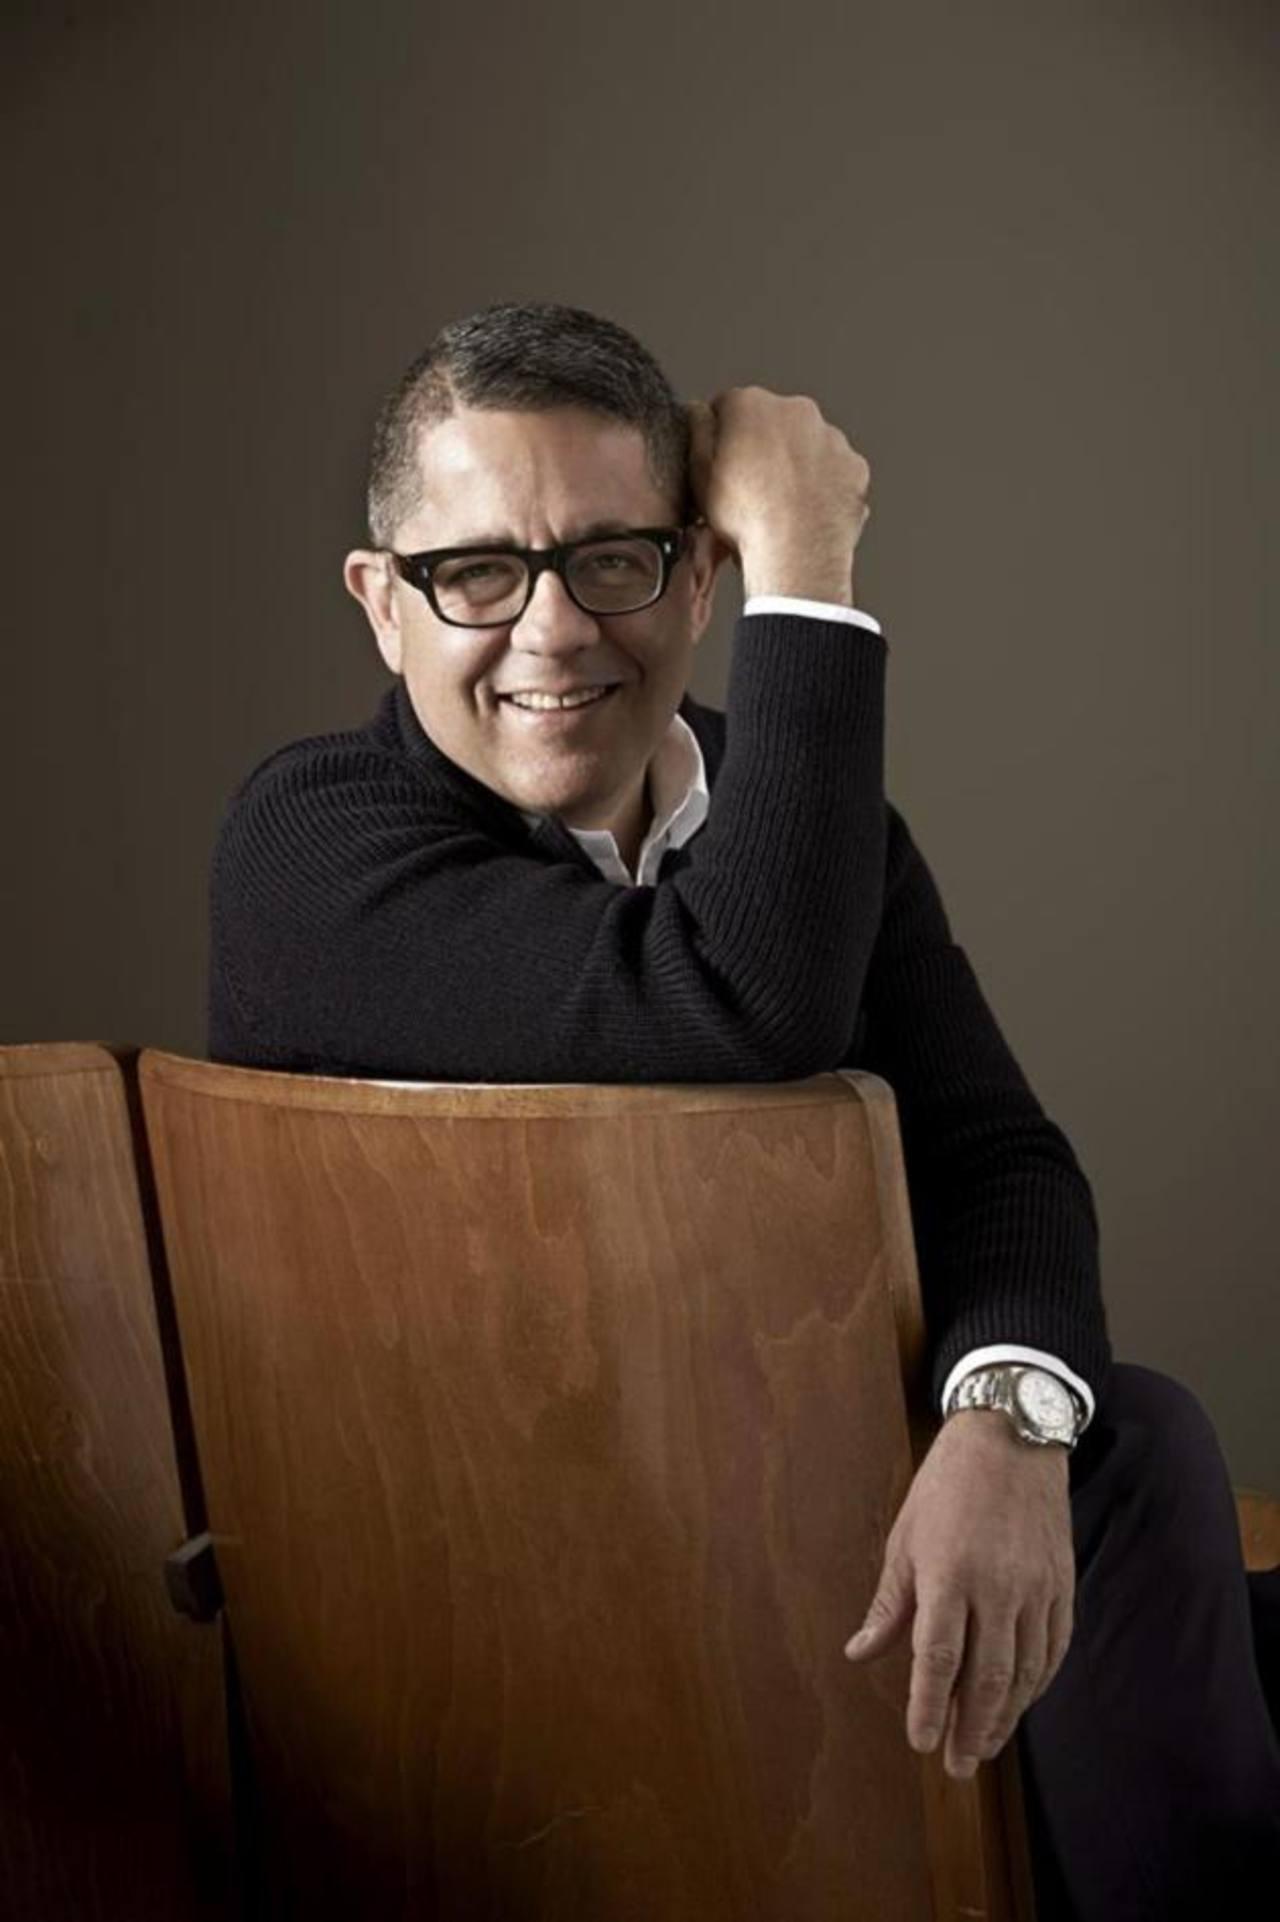 La firma italiana Gherardini nombró al diseñador guatemalteco Juan Carlos Pérez, nuevo director de la marca.